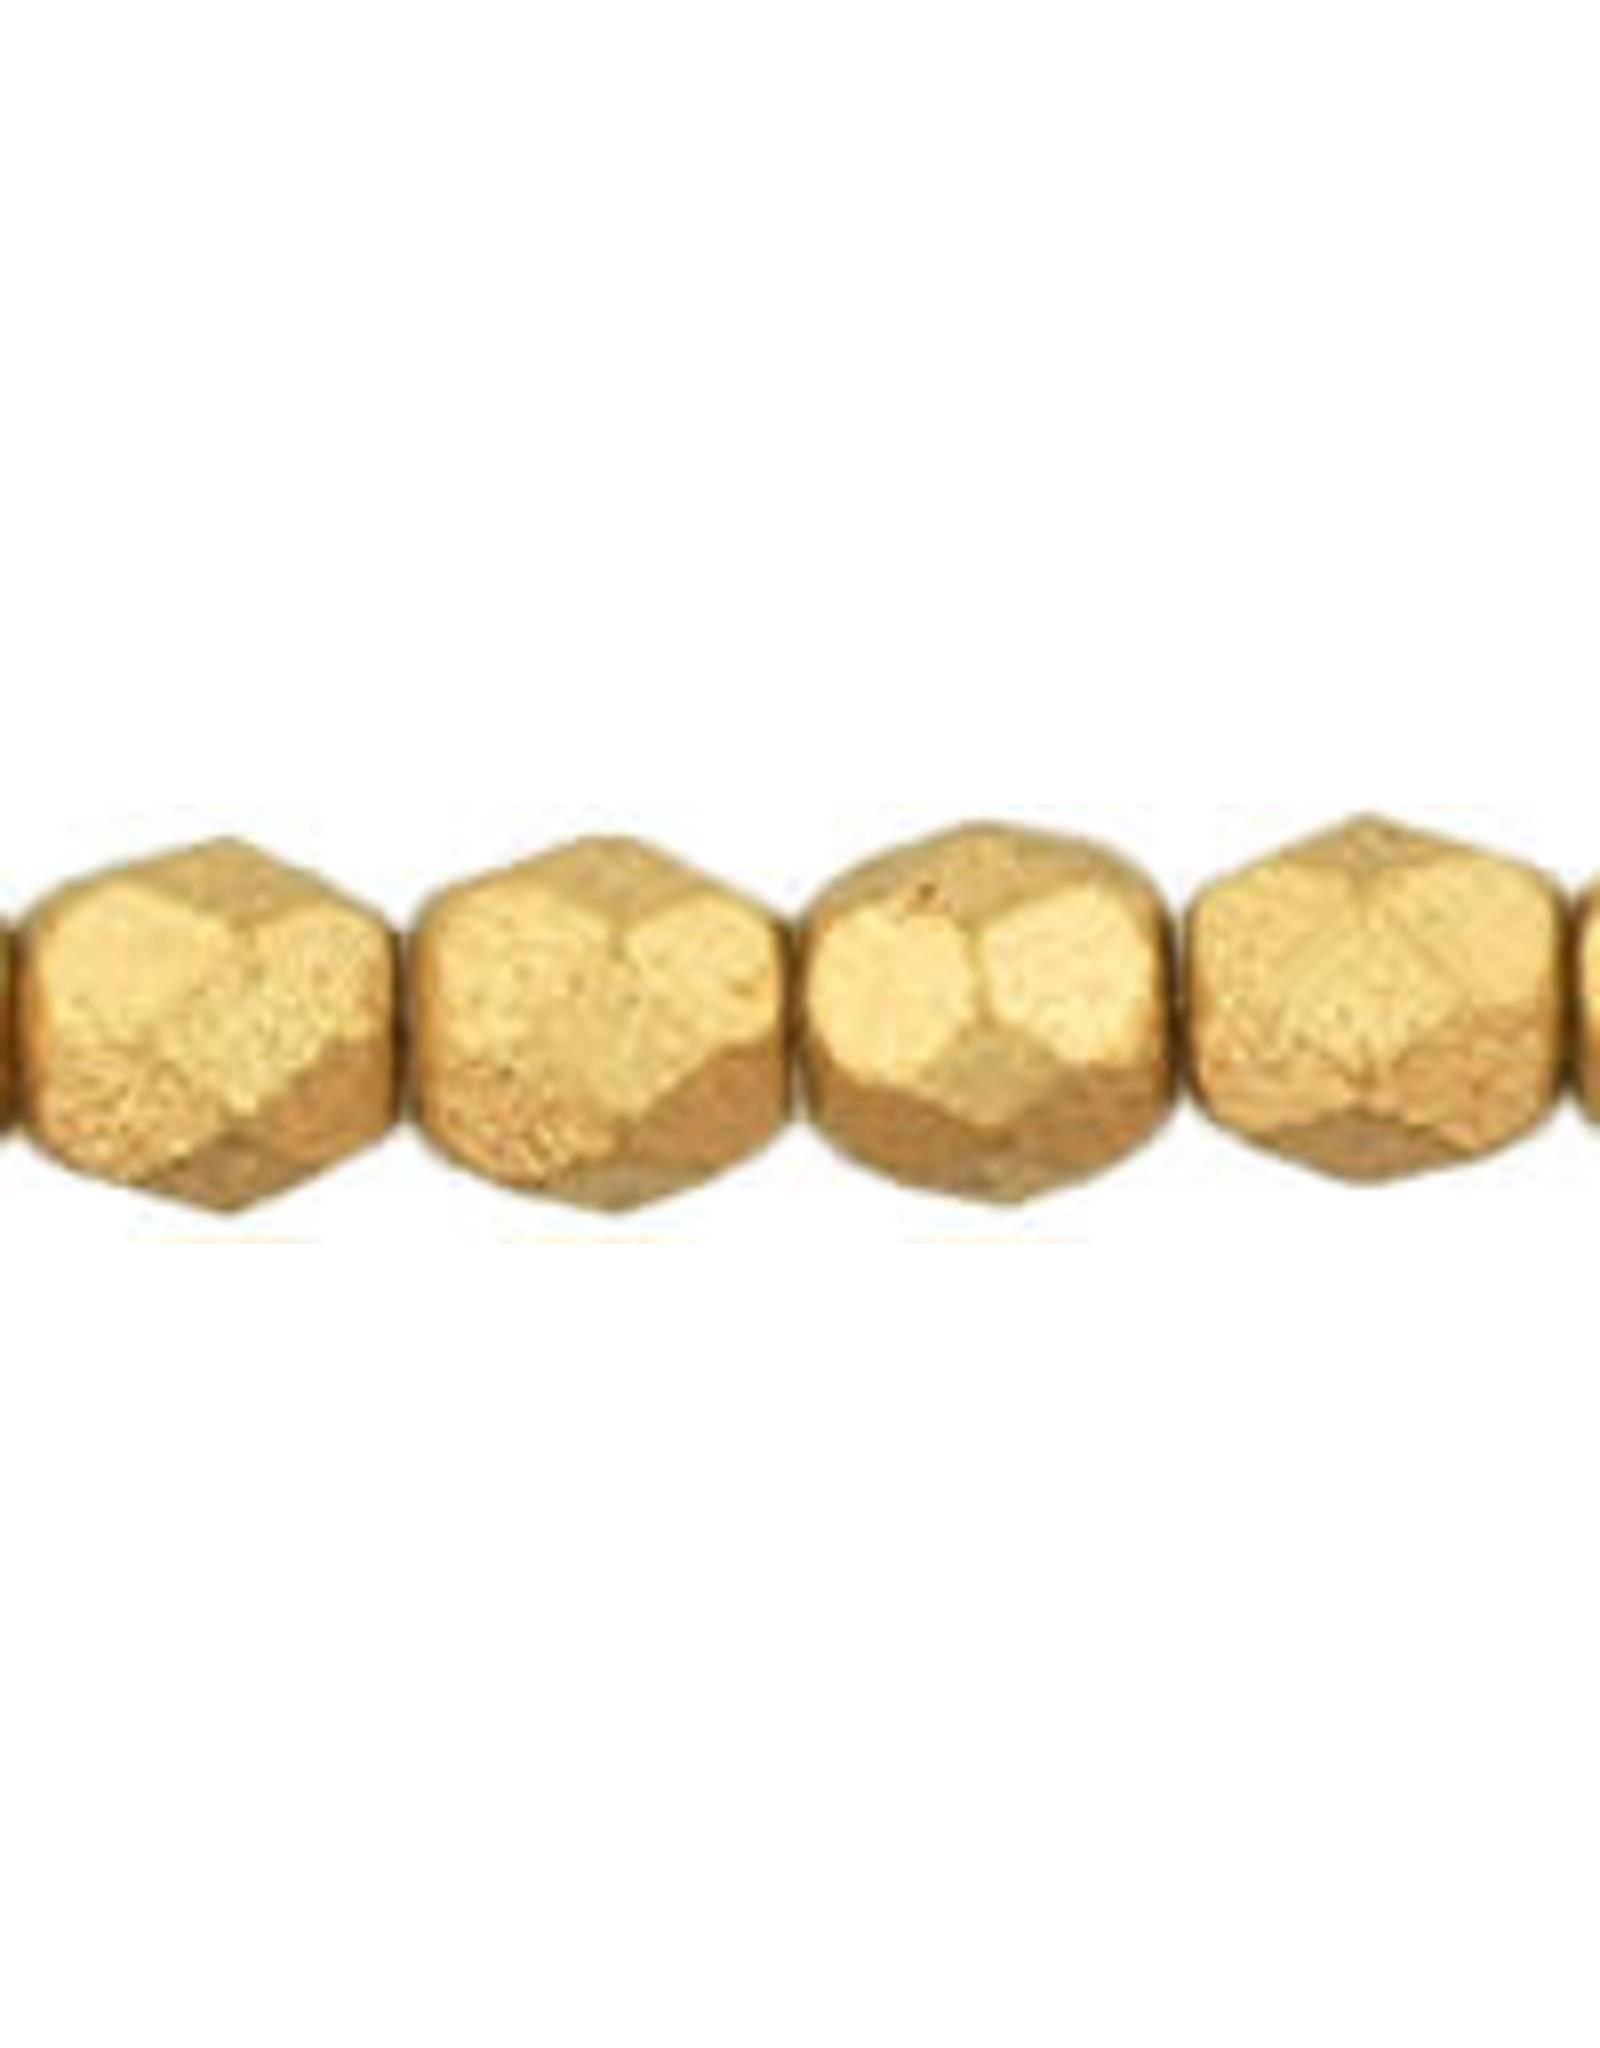 Czech 6mm Fire Polish  Flax Gold Matte Metallic  x25